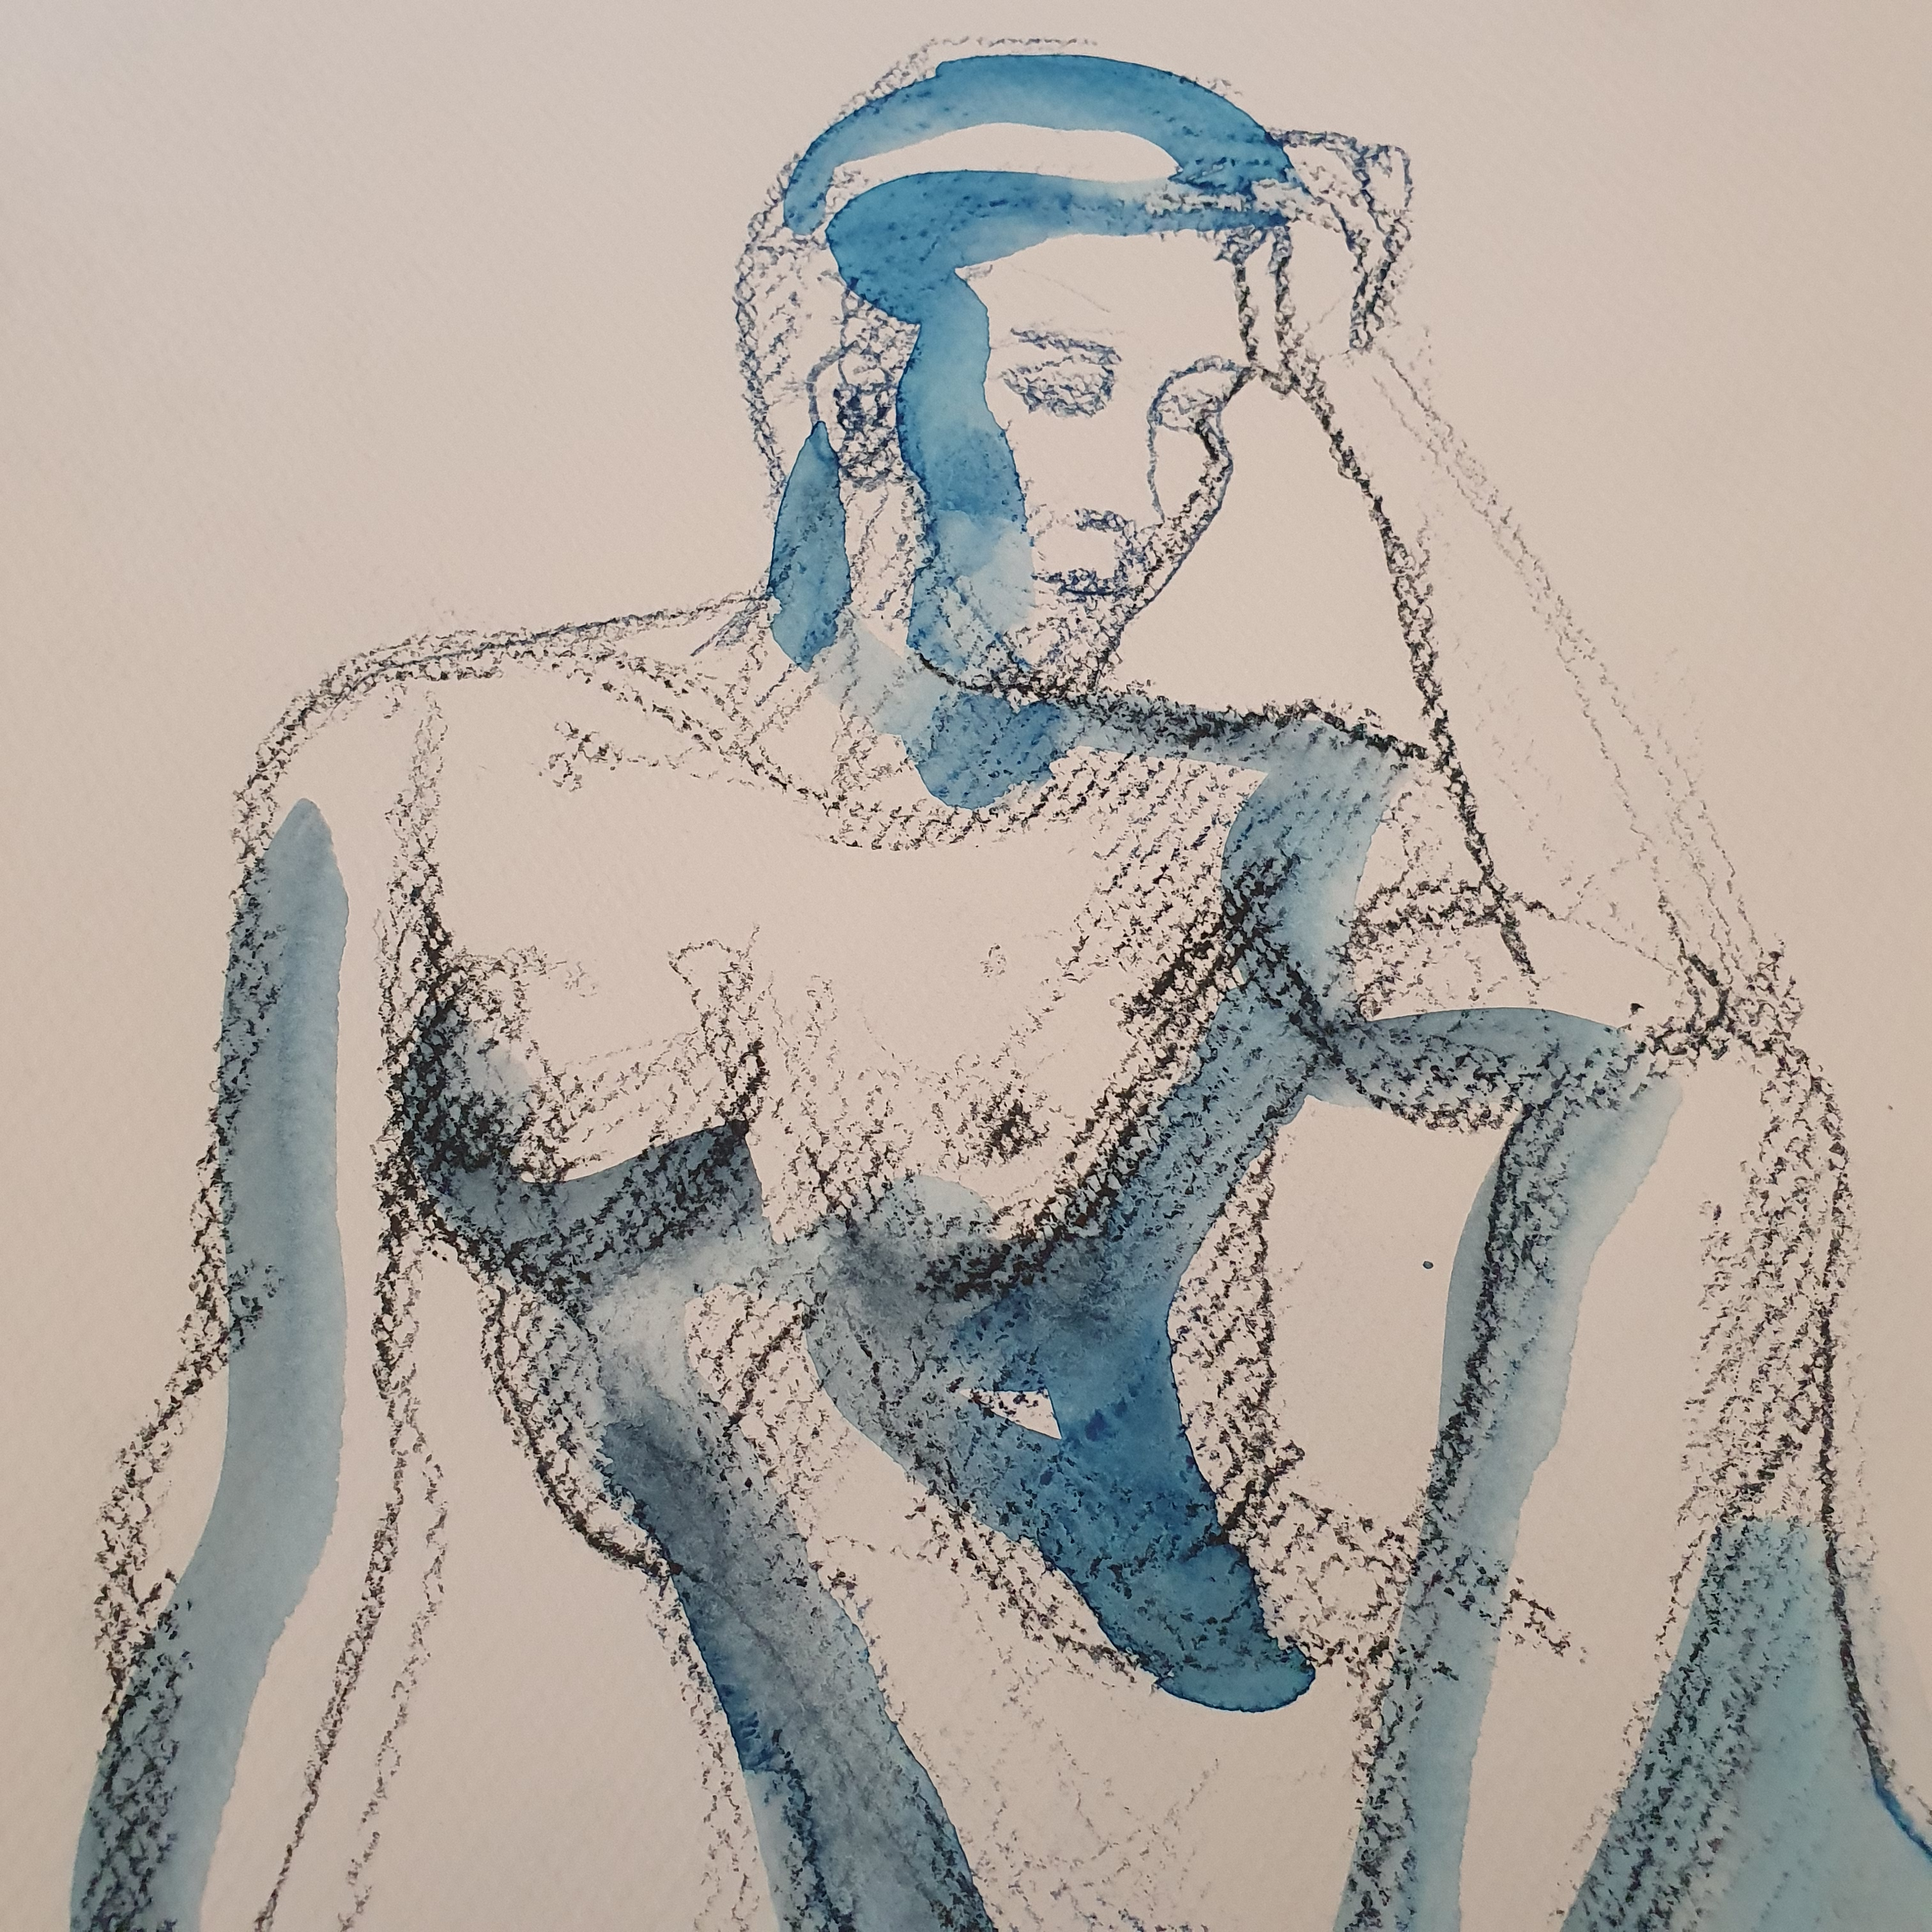 fusain aquarelle bleu sur papier femme  cours de dessin